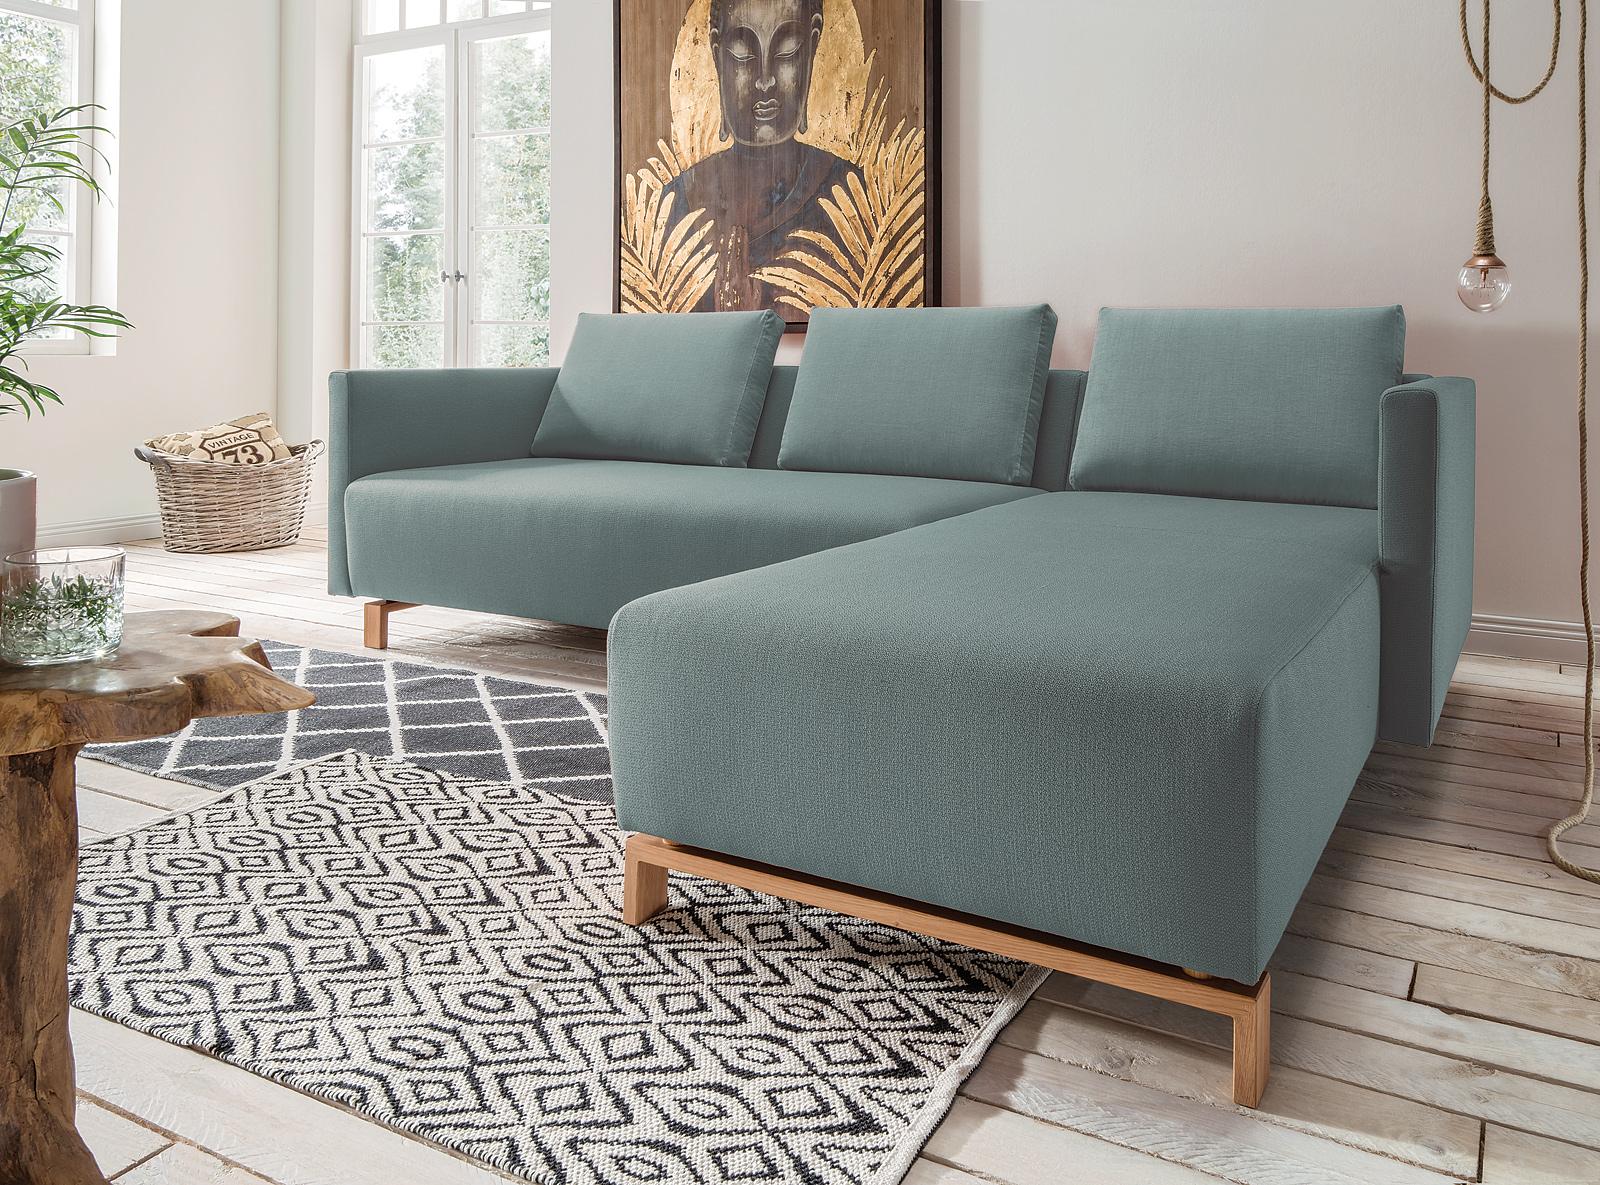 Sofa Recamiere.